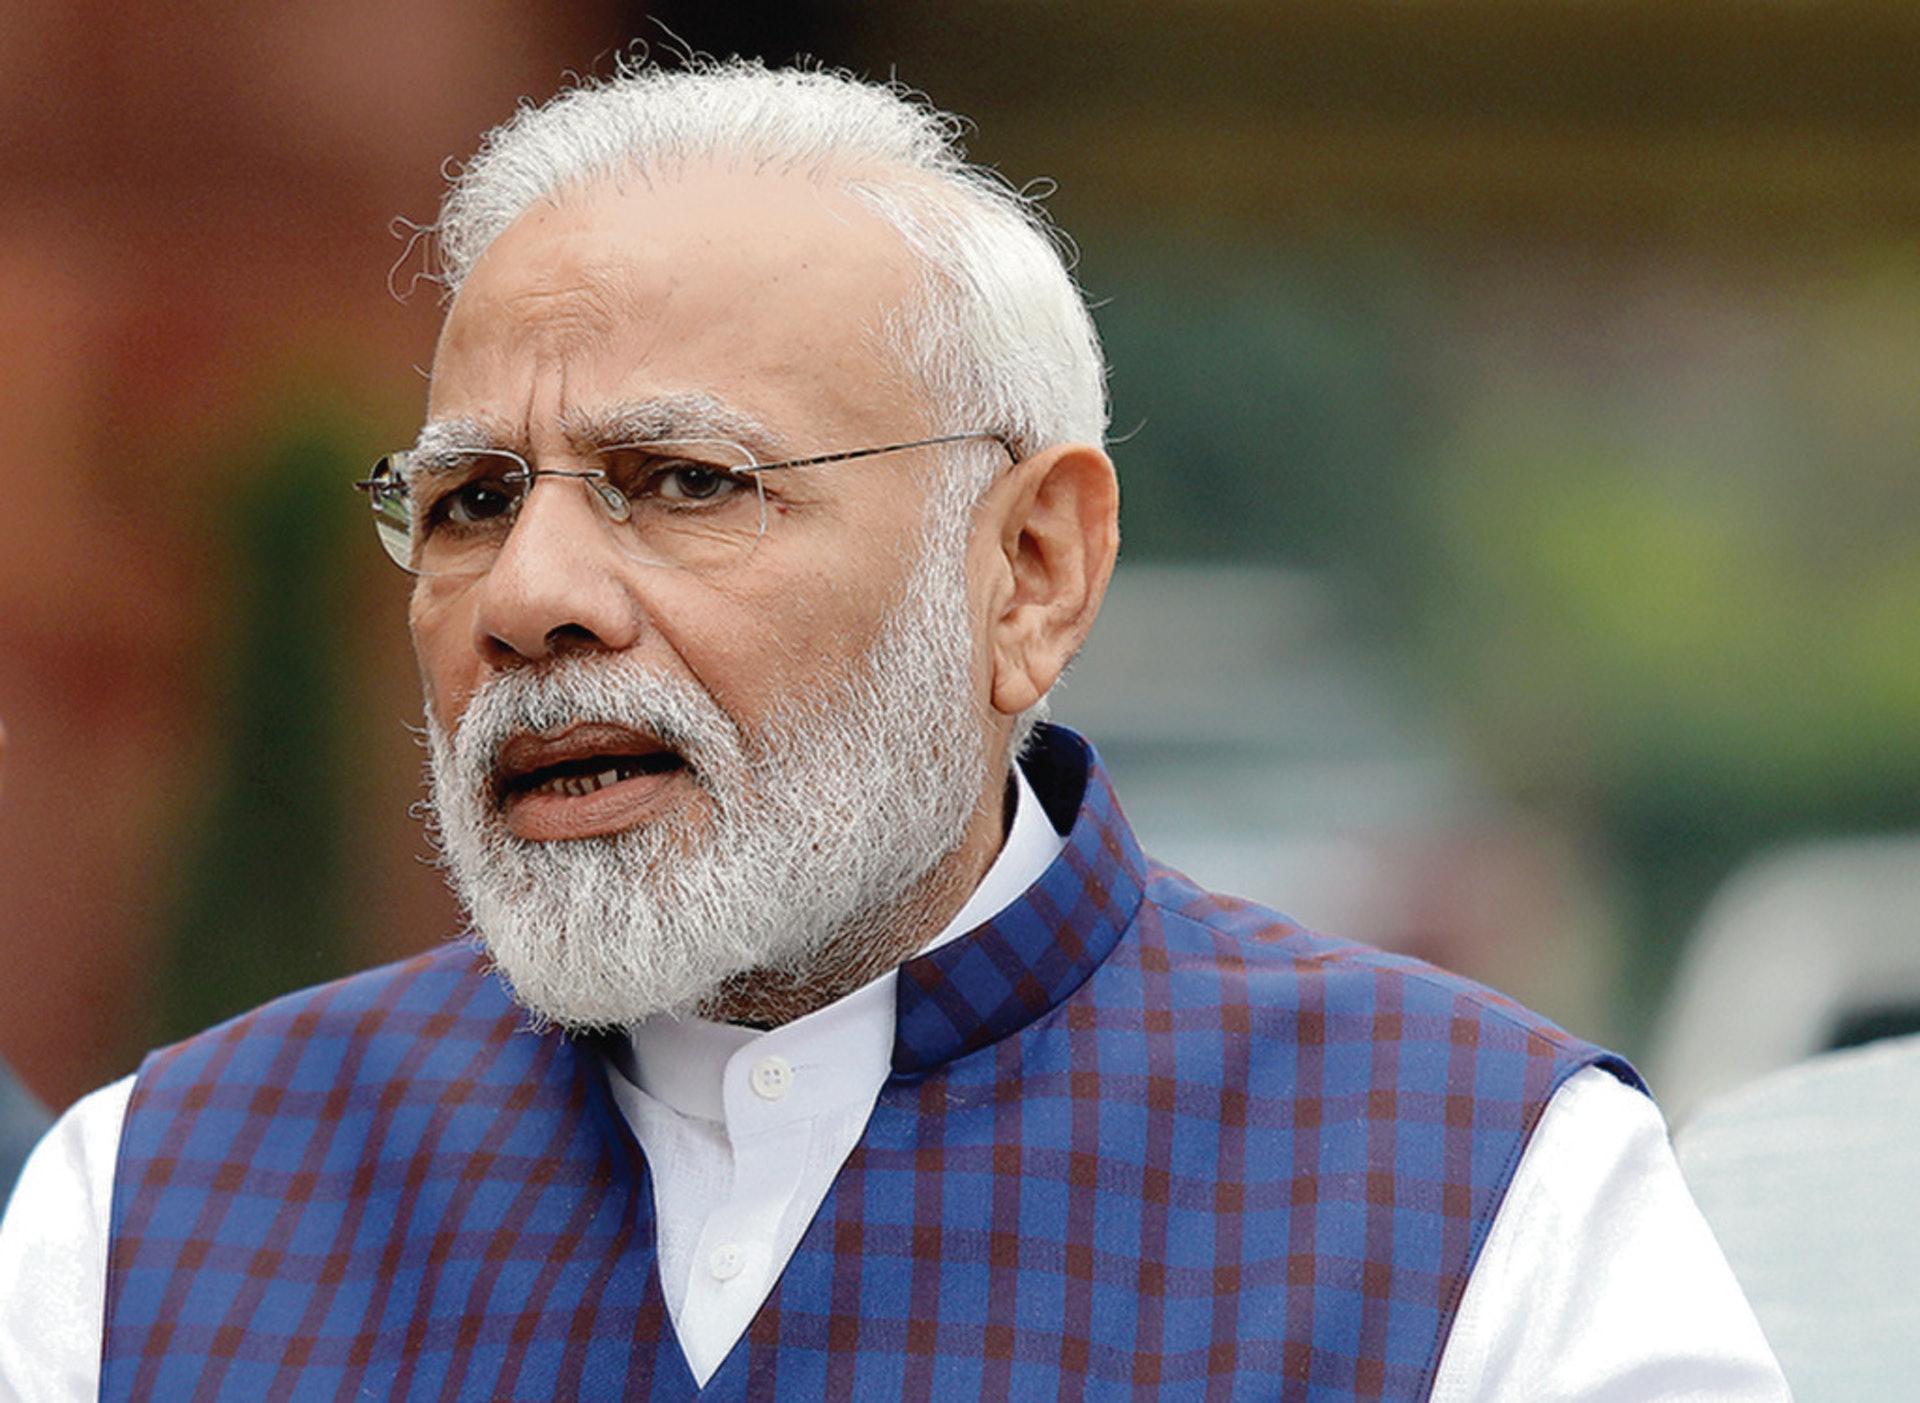 莫迪政府遏制中資,將令印度經濟雪上加霜。(路透社)